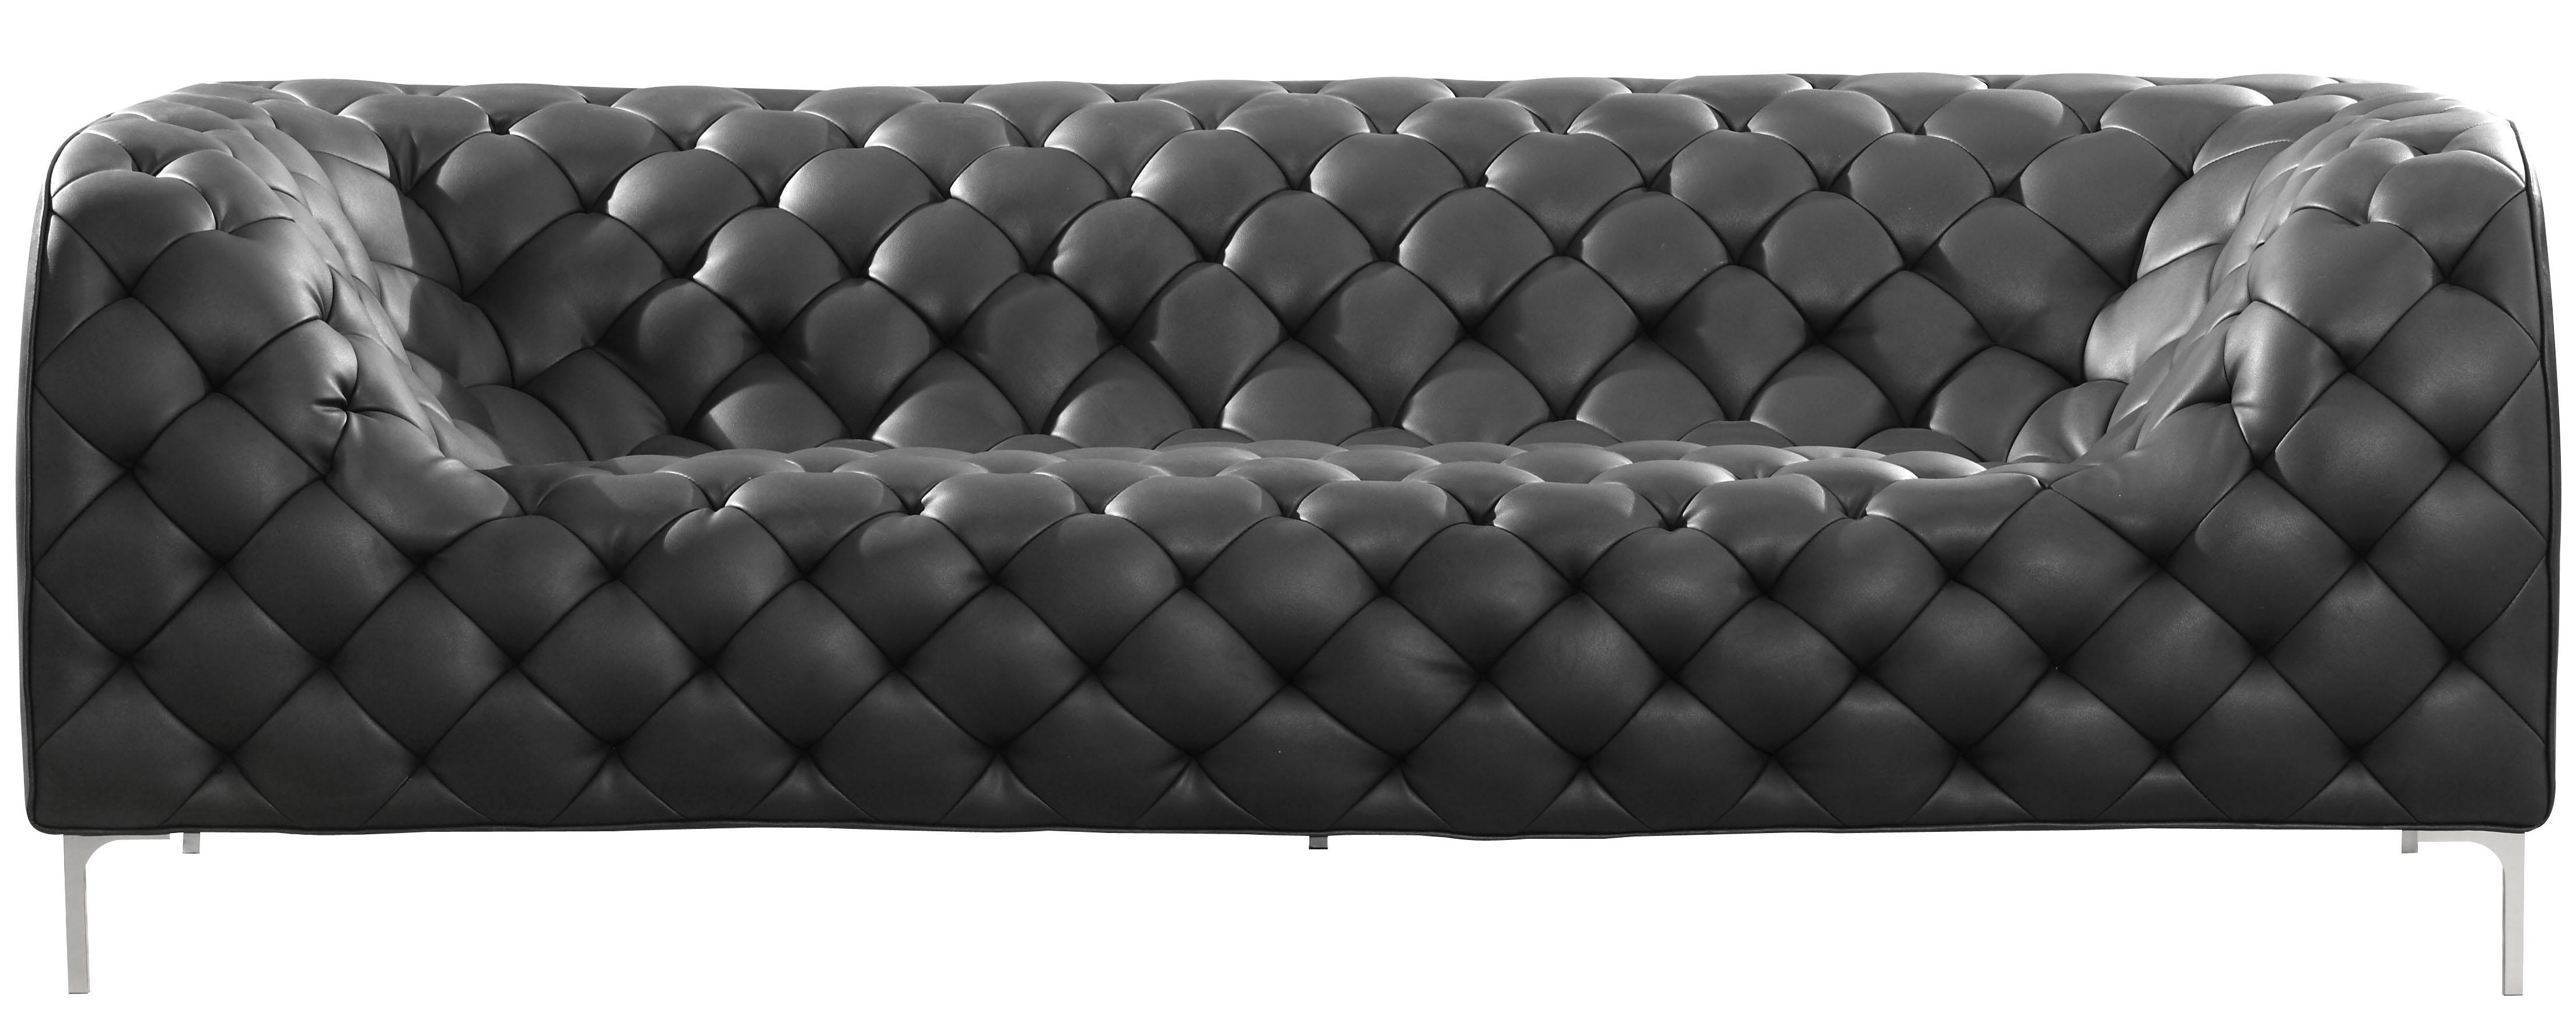 providence-sofa-black-zuo.jpg